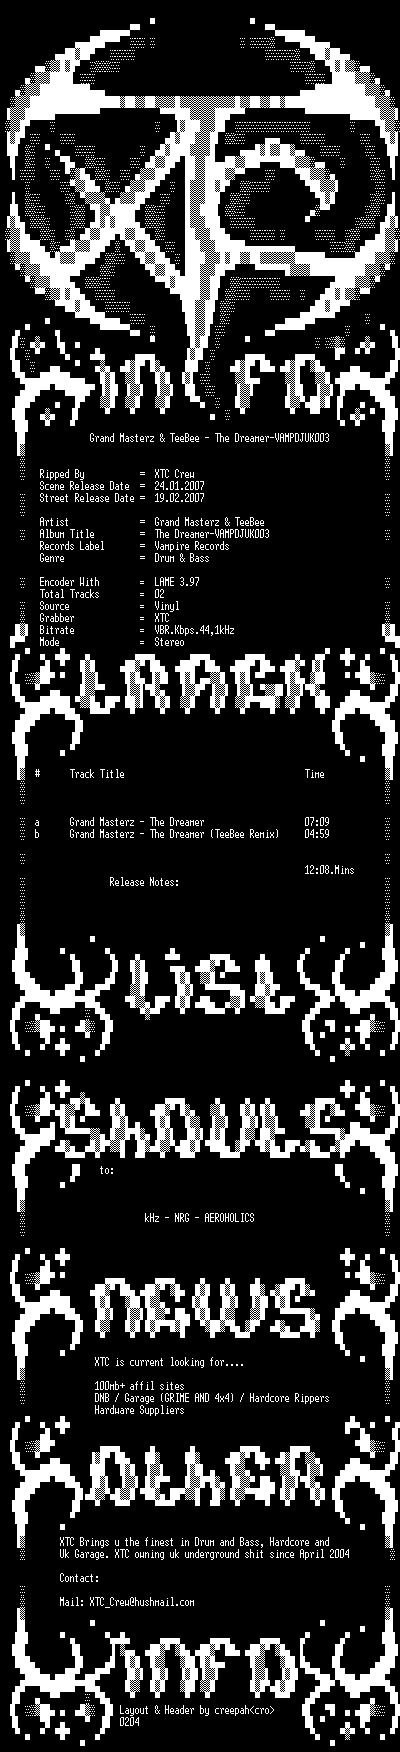 [DnB] Grand Masterz - VAMPDJUK003 - Vampire Records Vampdj10